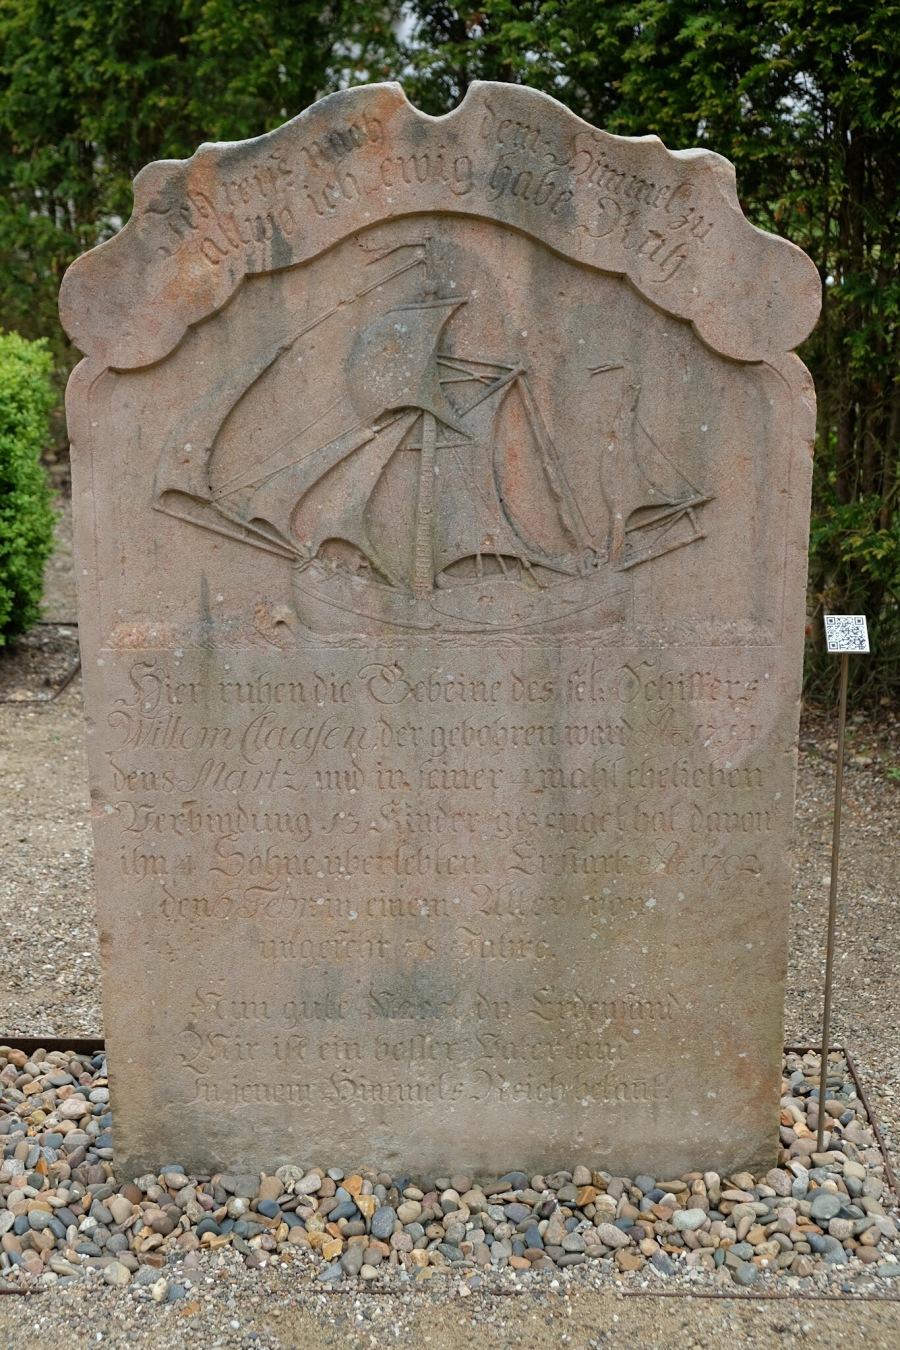 Erzählender Grabstein auf dem Alten Friedhof in Nebel